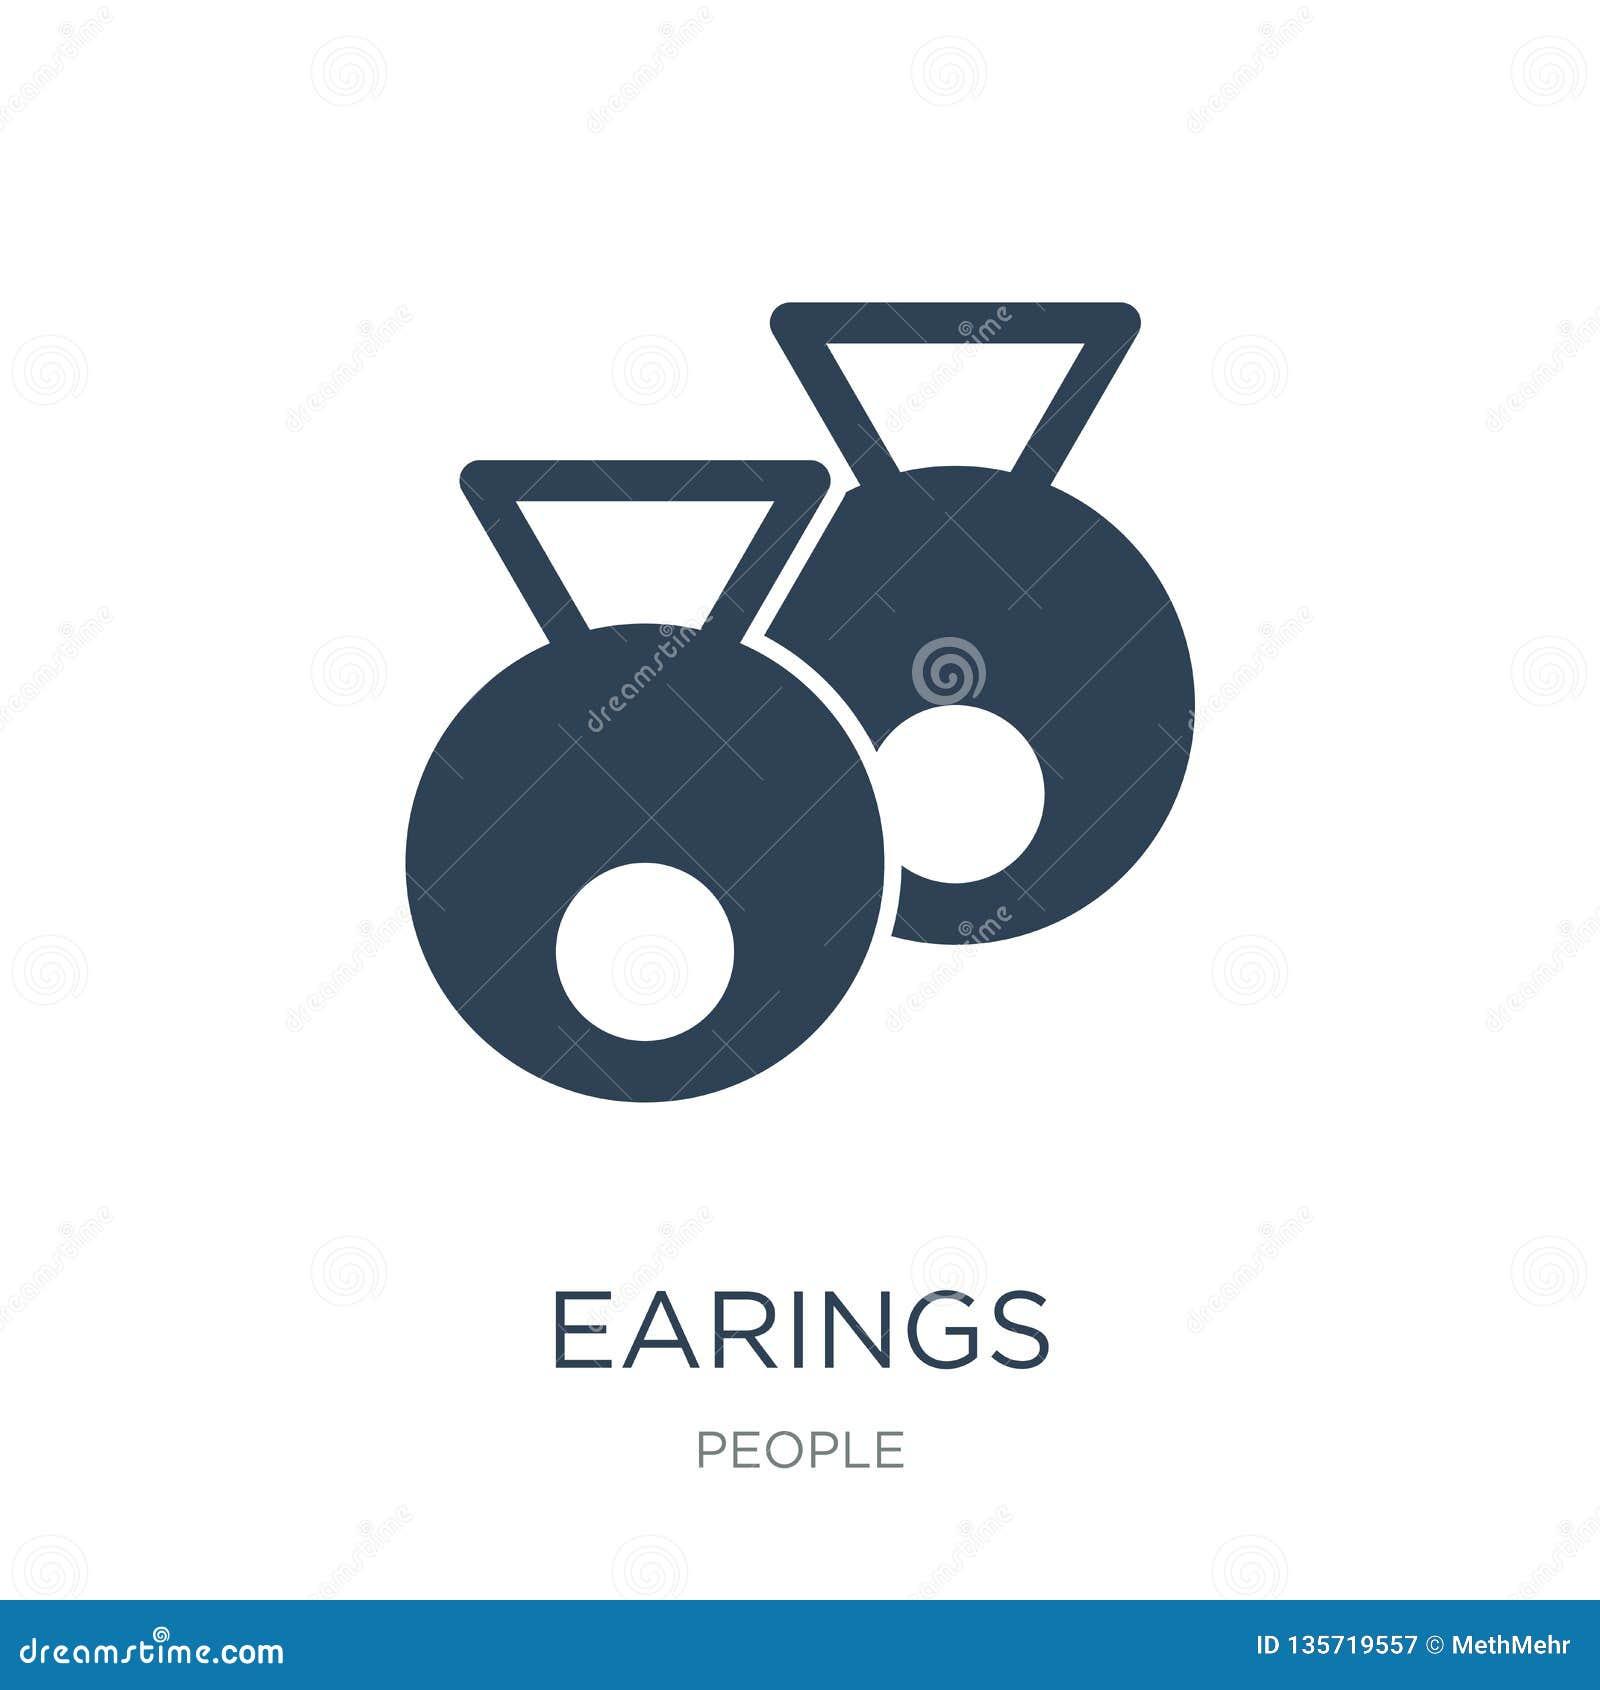 Icono de los earings en estilo de moda del diseño icono de los earings aislado en el fondo blanco símbolo plano simple y moderno